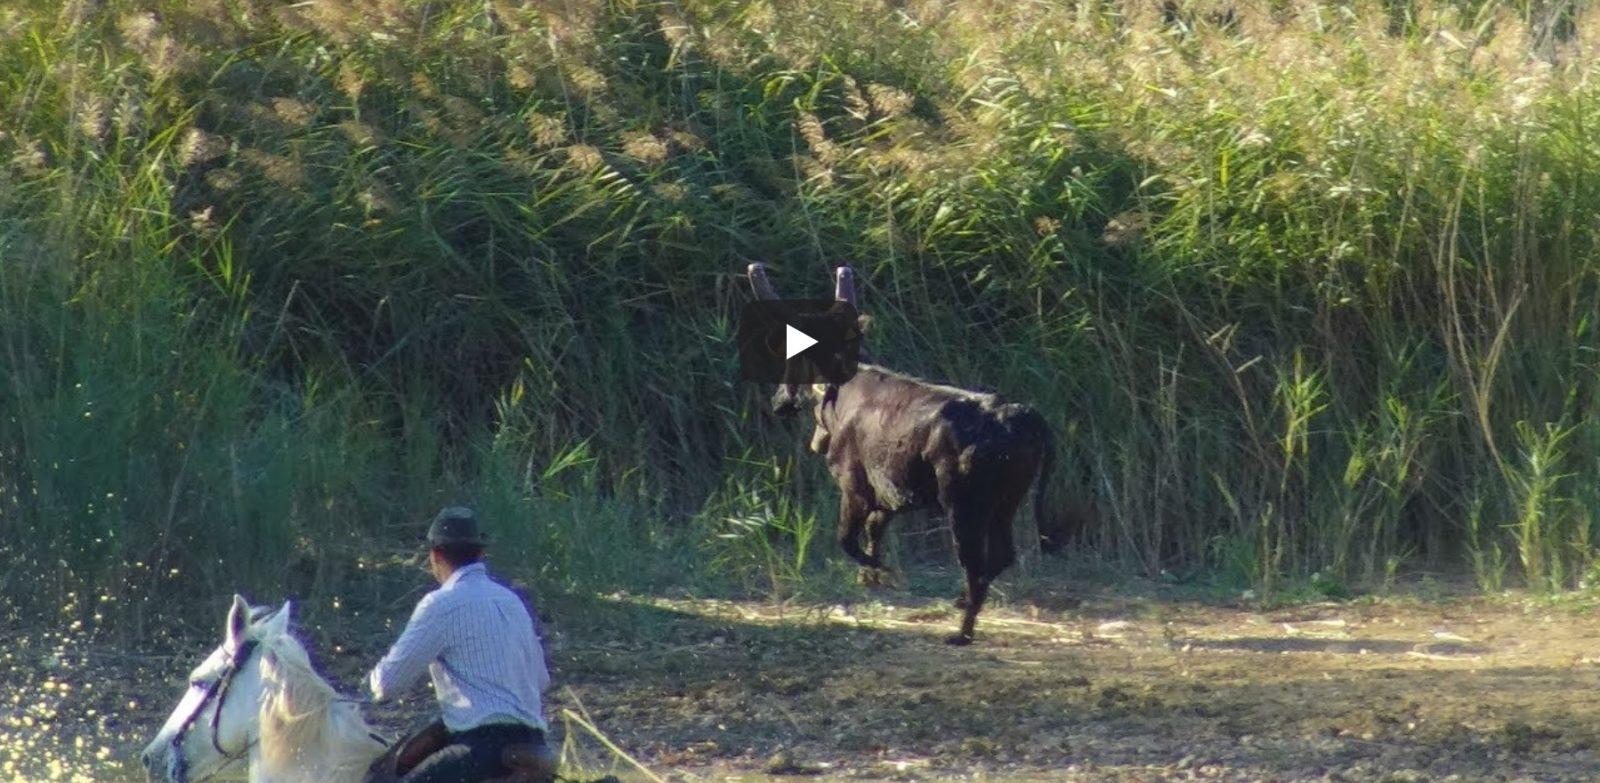 ST MAURICE DE CAZEVIEILLE(29/09/2019) – Retour en vidéo sur la gase